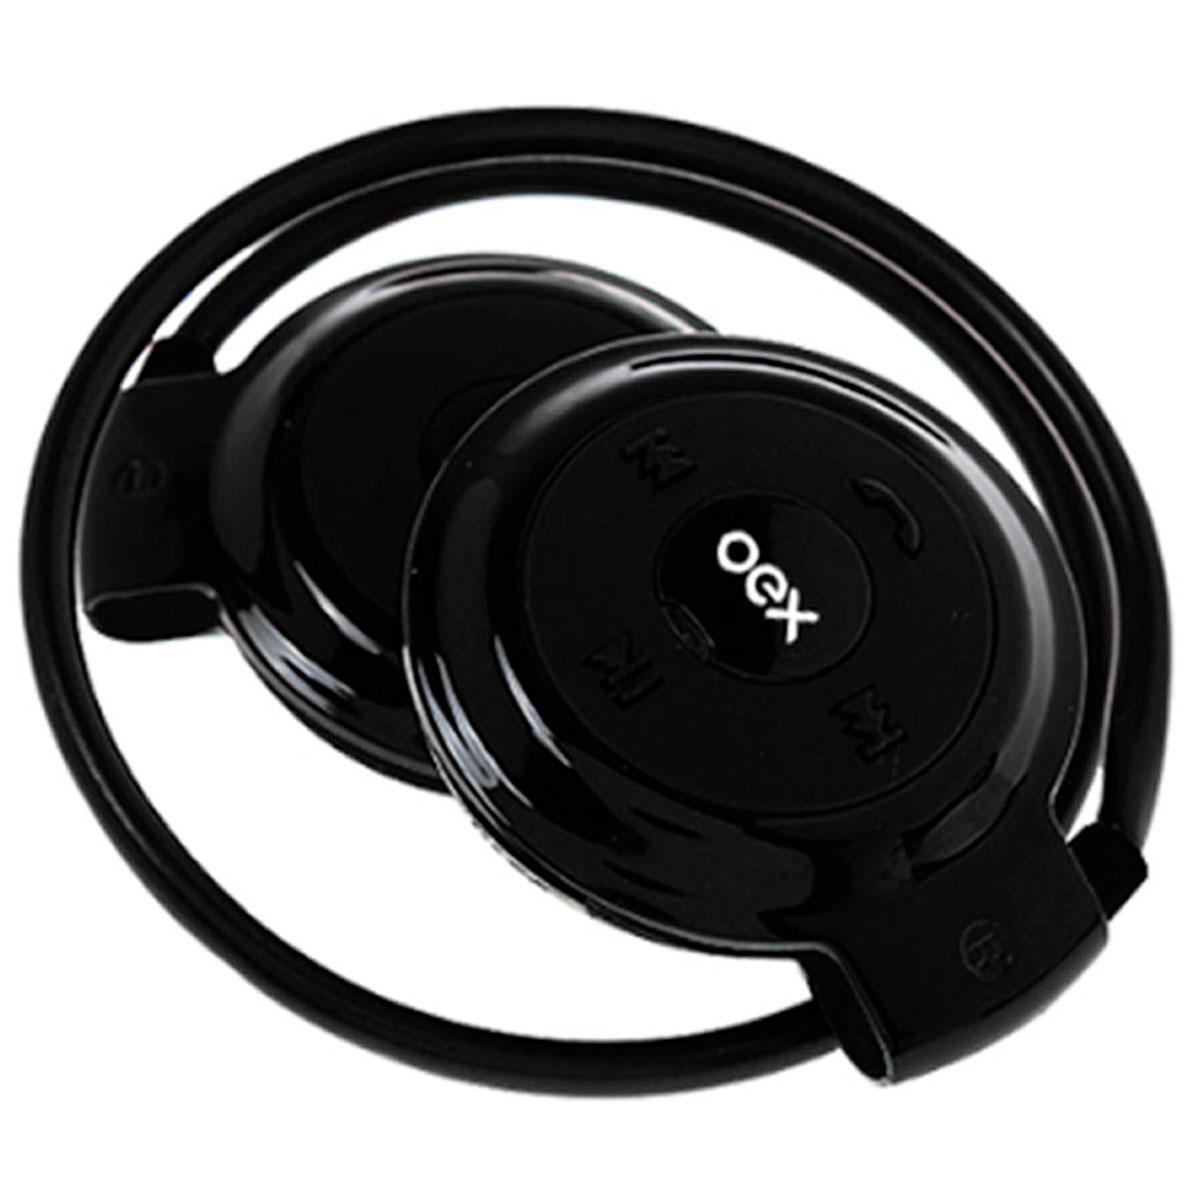 Fone de Ouvido Bluetooth Oex Spin HS308, Função Hands Free, Preto